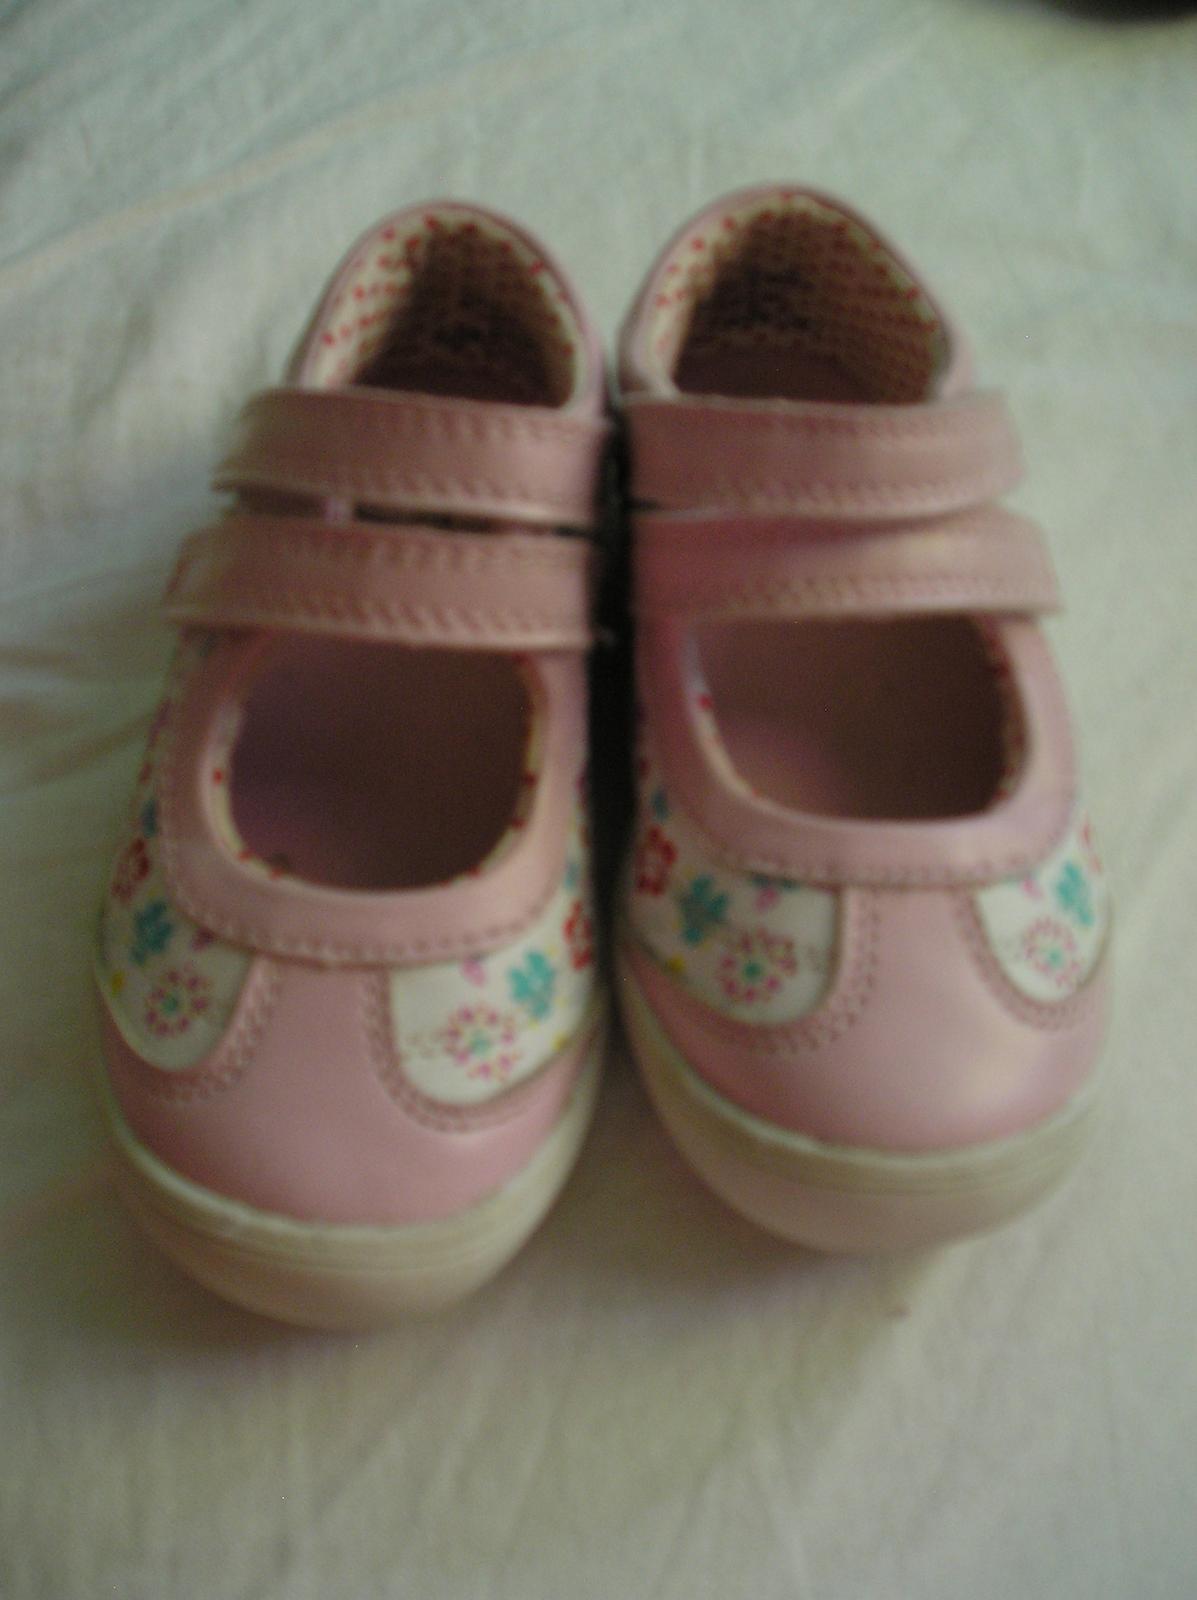 Kvetinkové topánky na dva suché zipsy - Obrázok č. 2